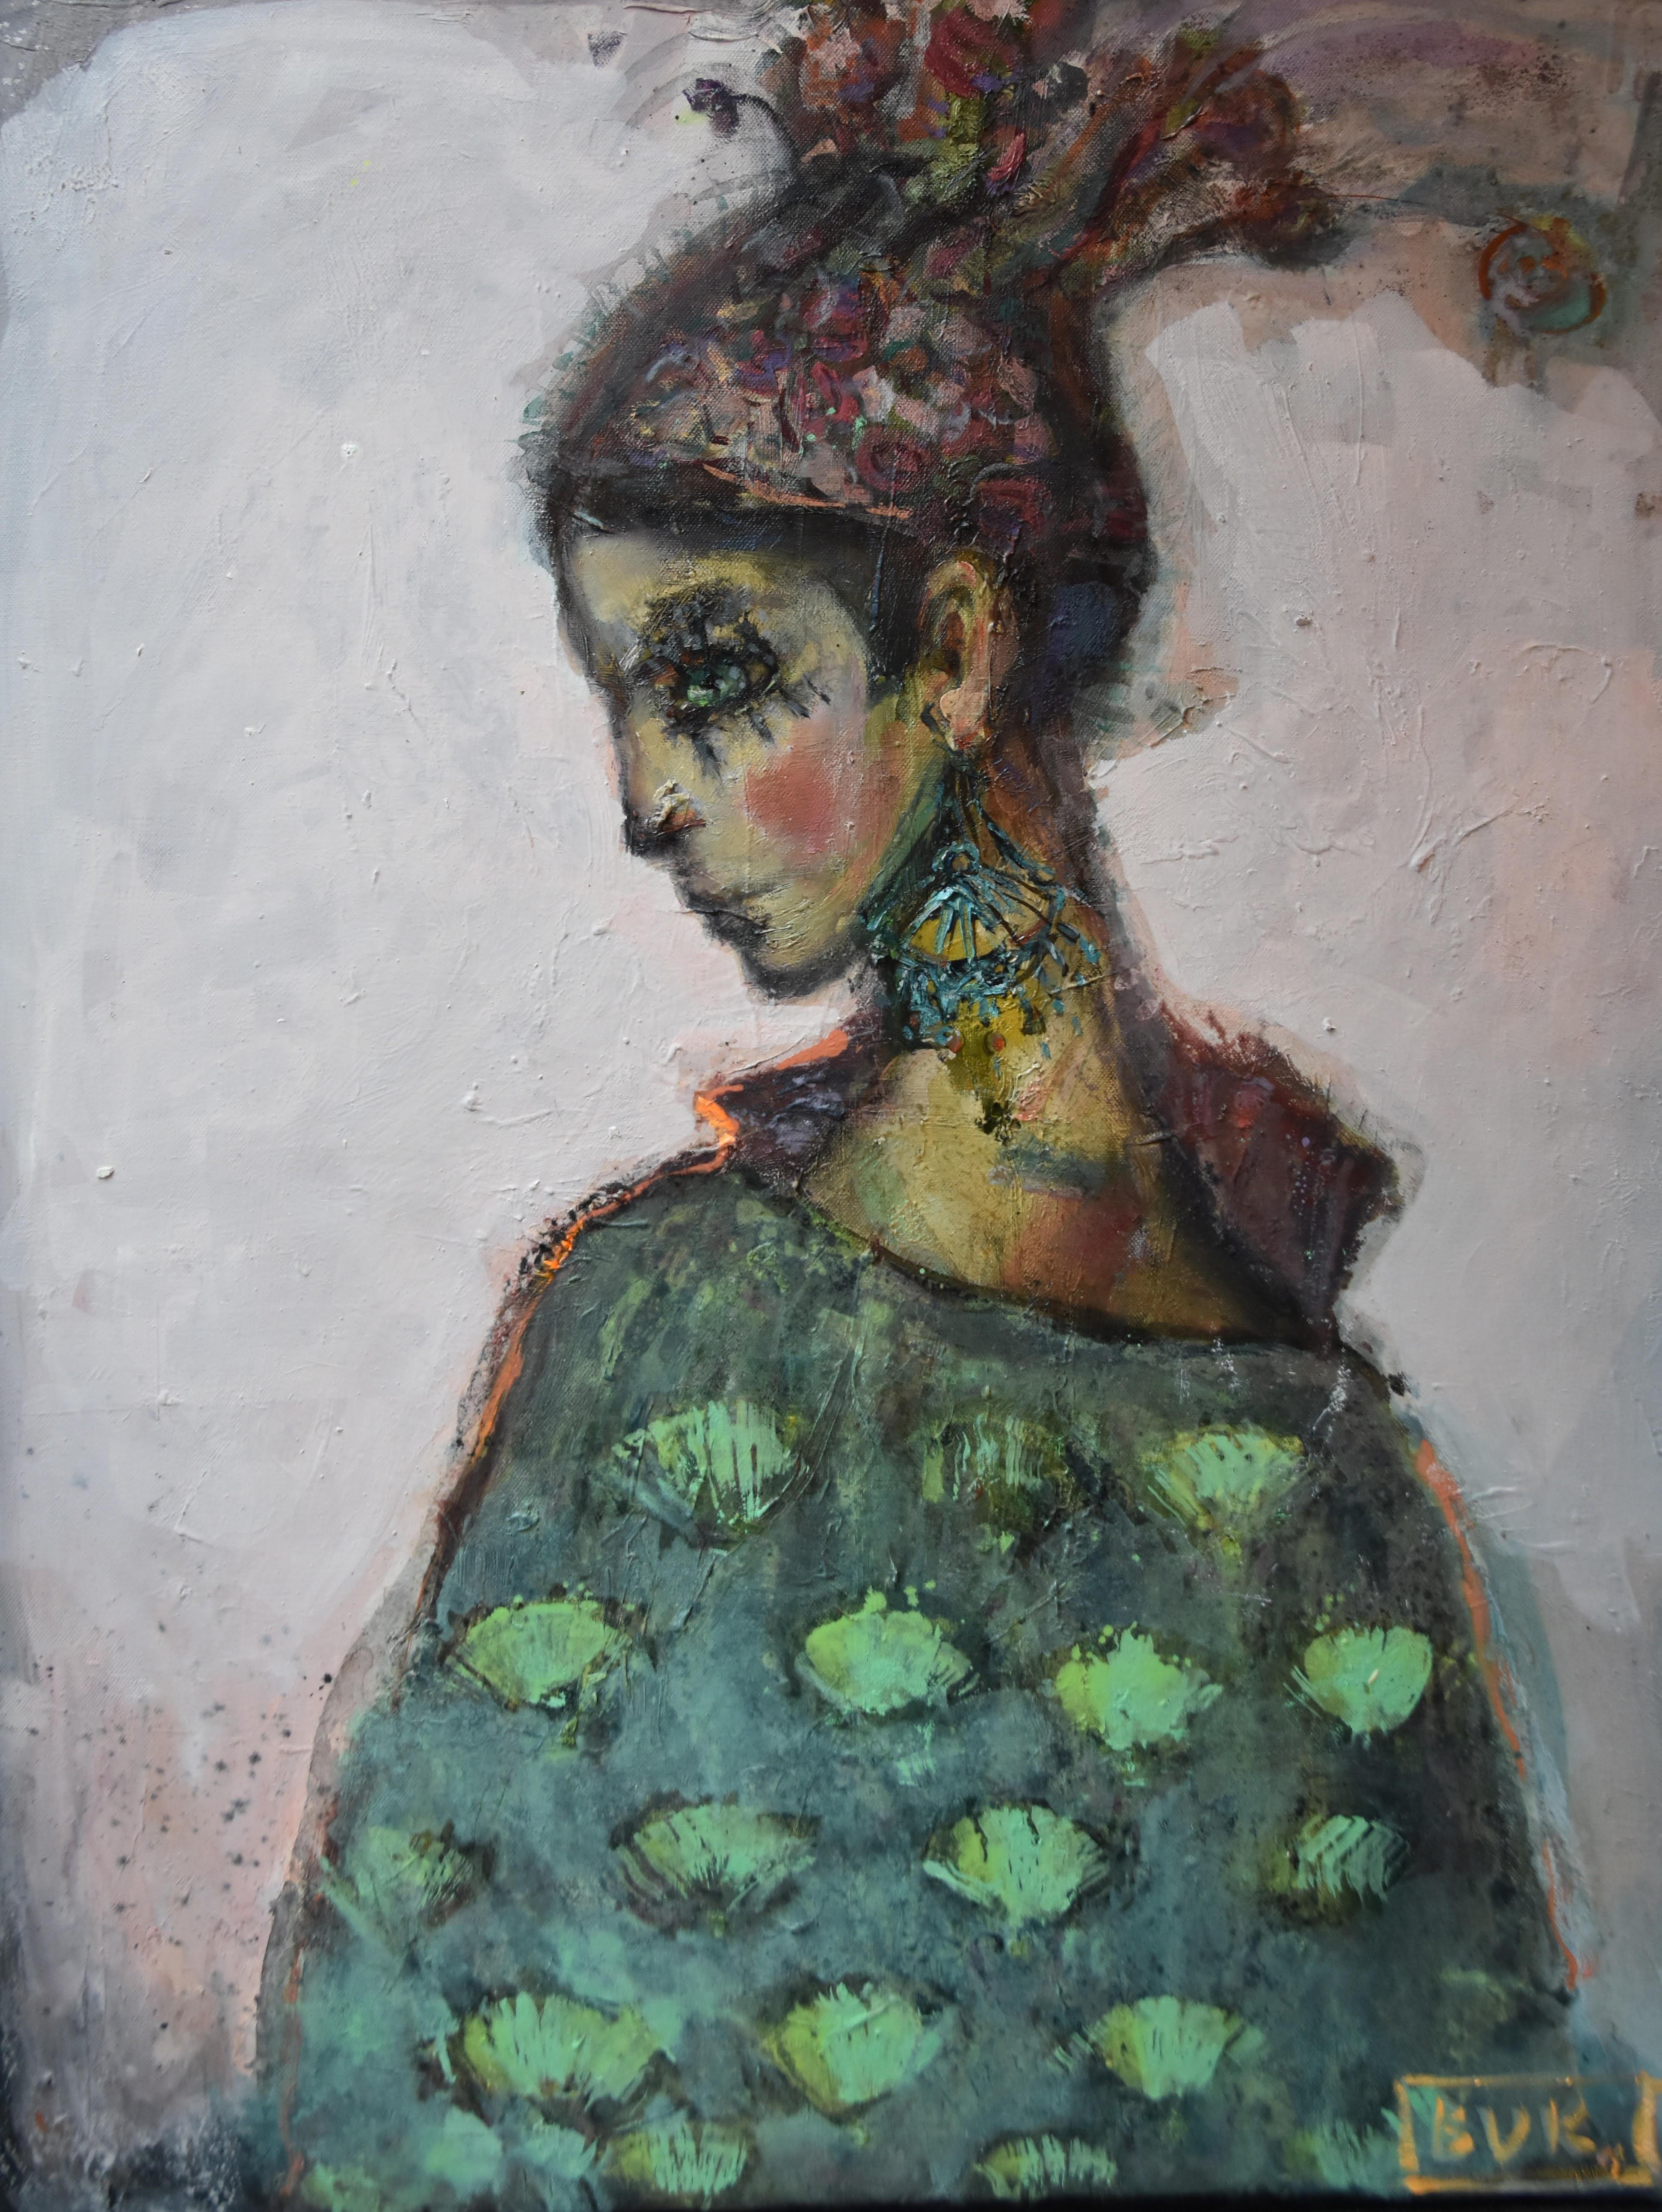 Olga Bukowska, Żar-ptica albo Rajski ptak, 2018 r.